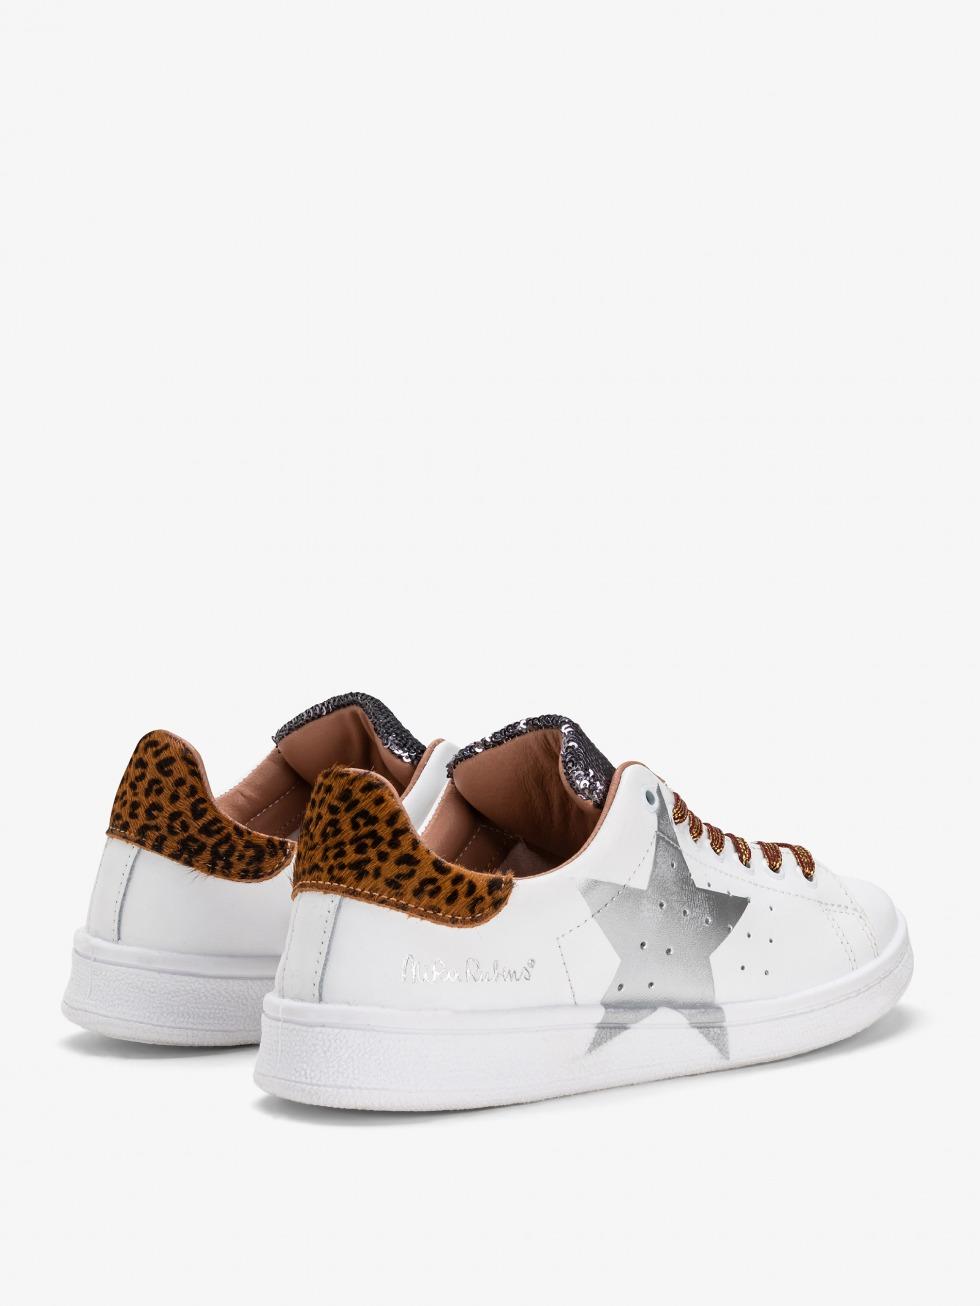 Daiquiri Silver Sparkle Jaguarino Sneakers - Stella